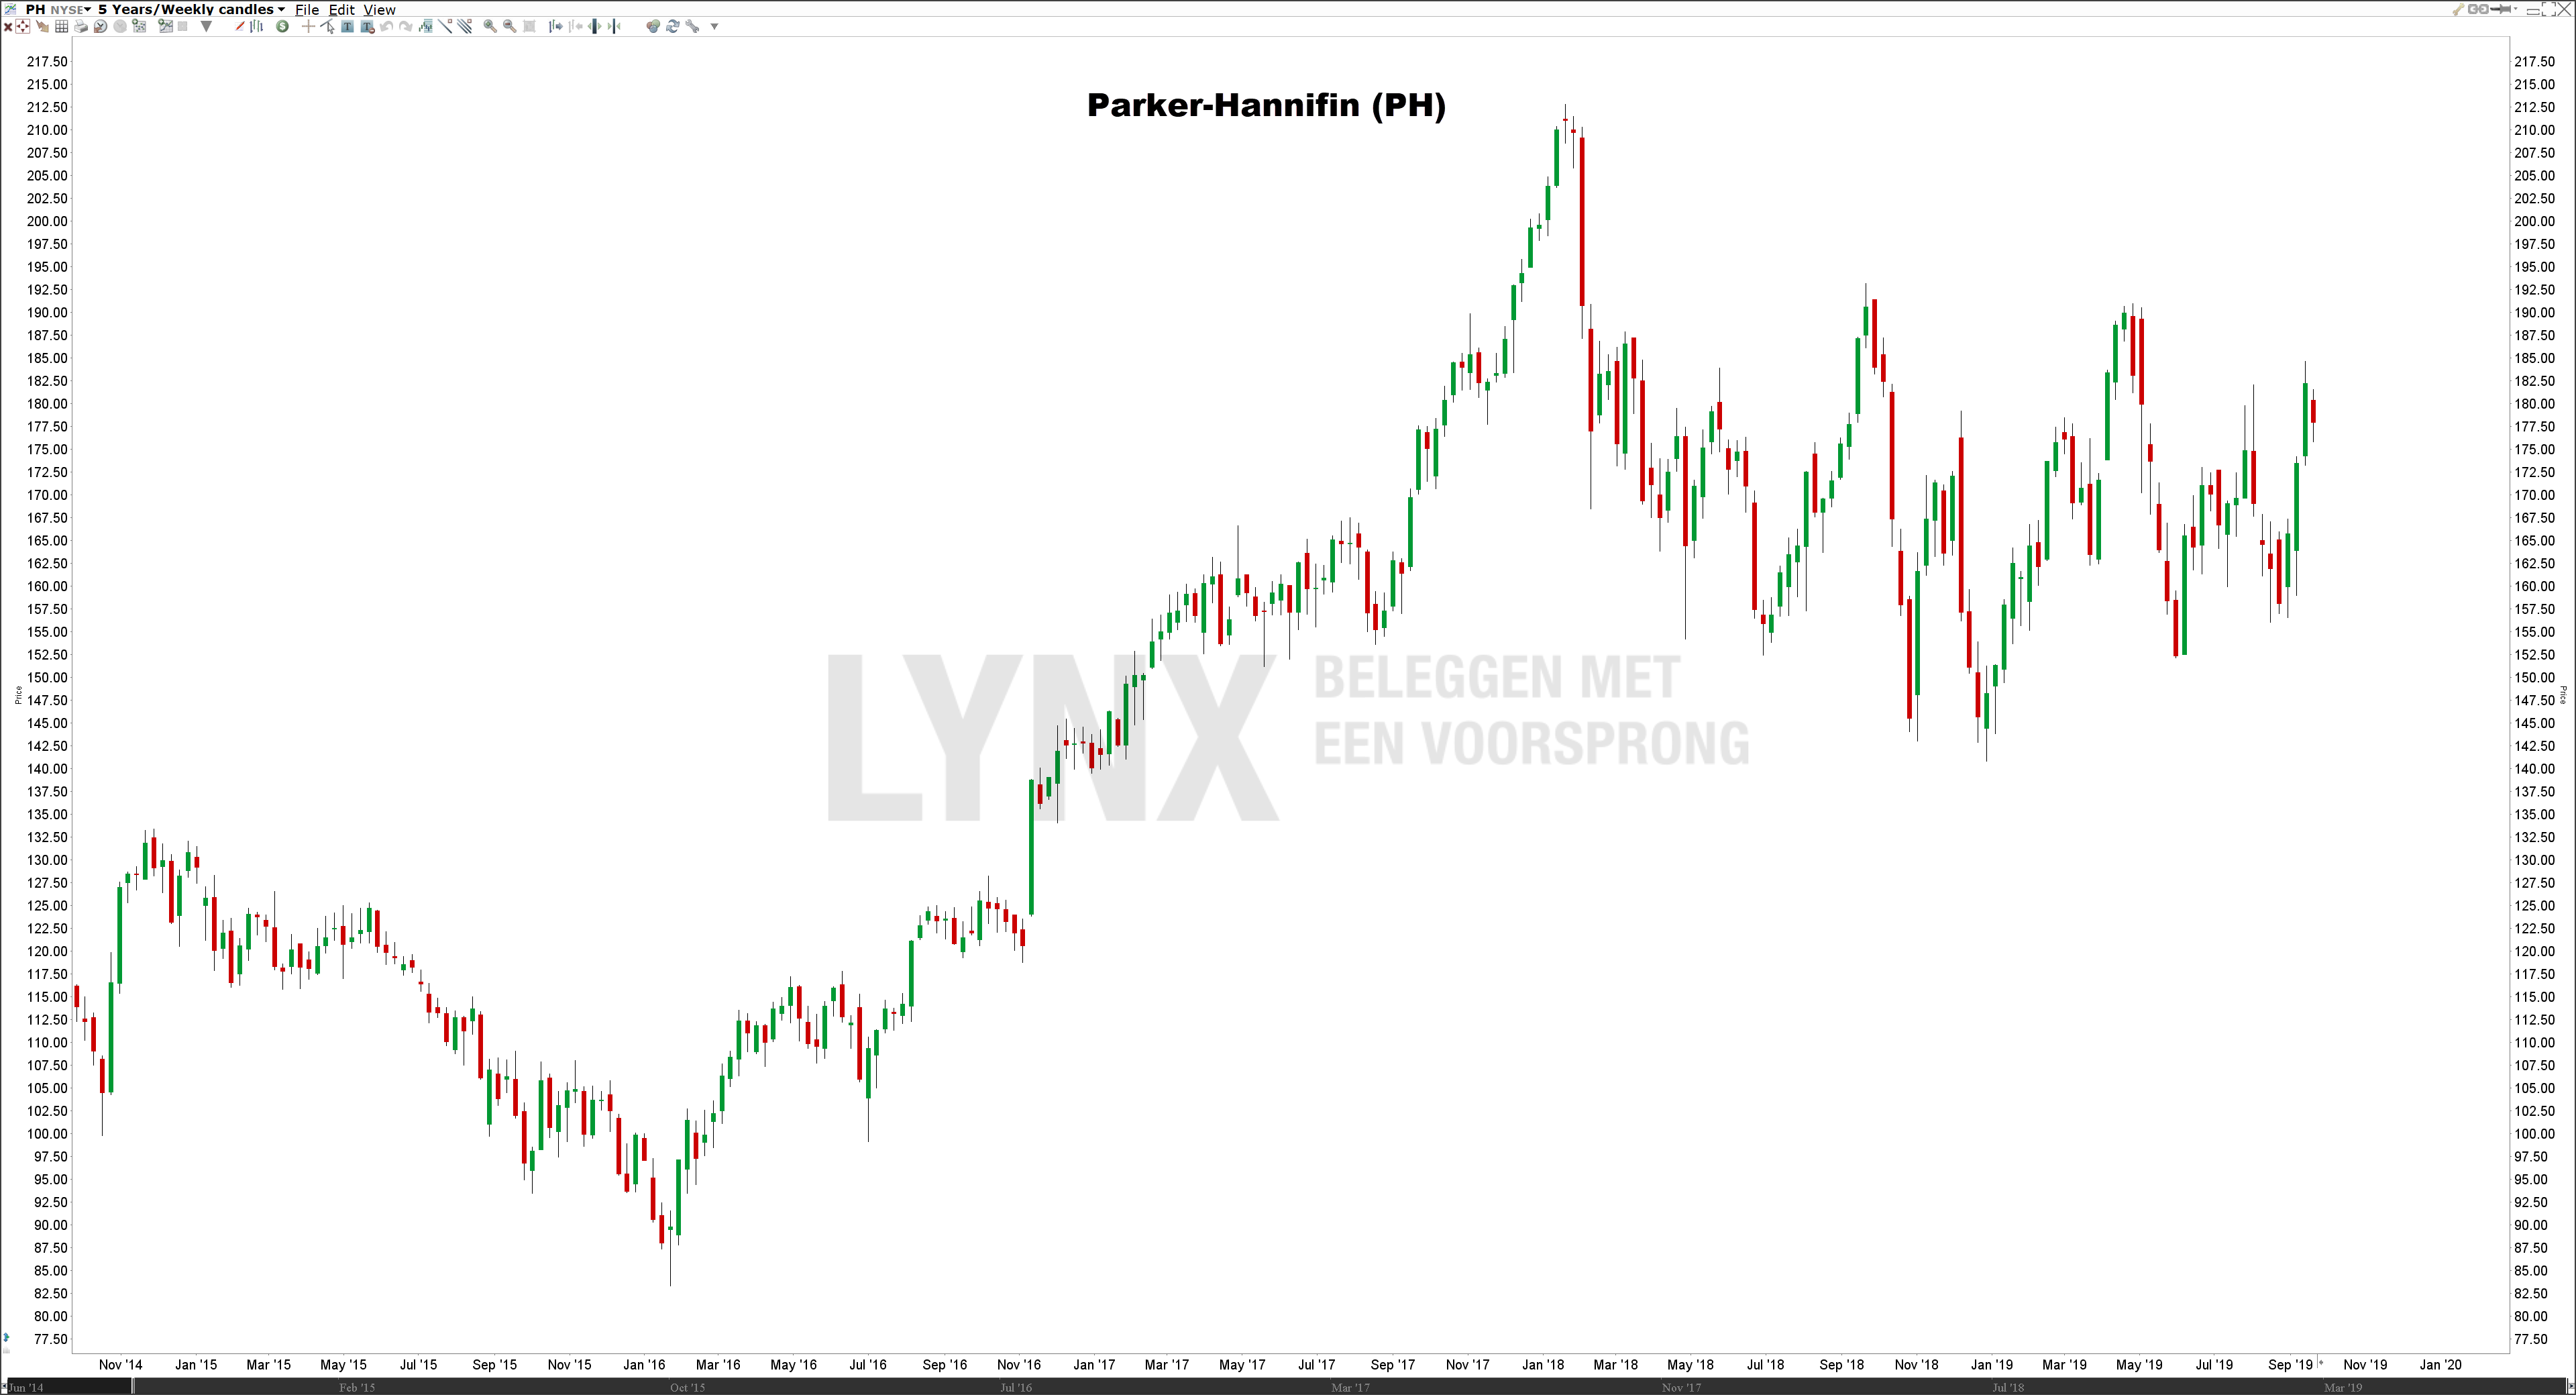 Koers Parker-Hannifin - De beste defensieve aandelen